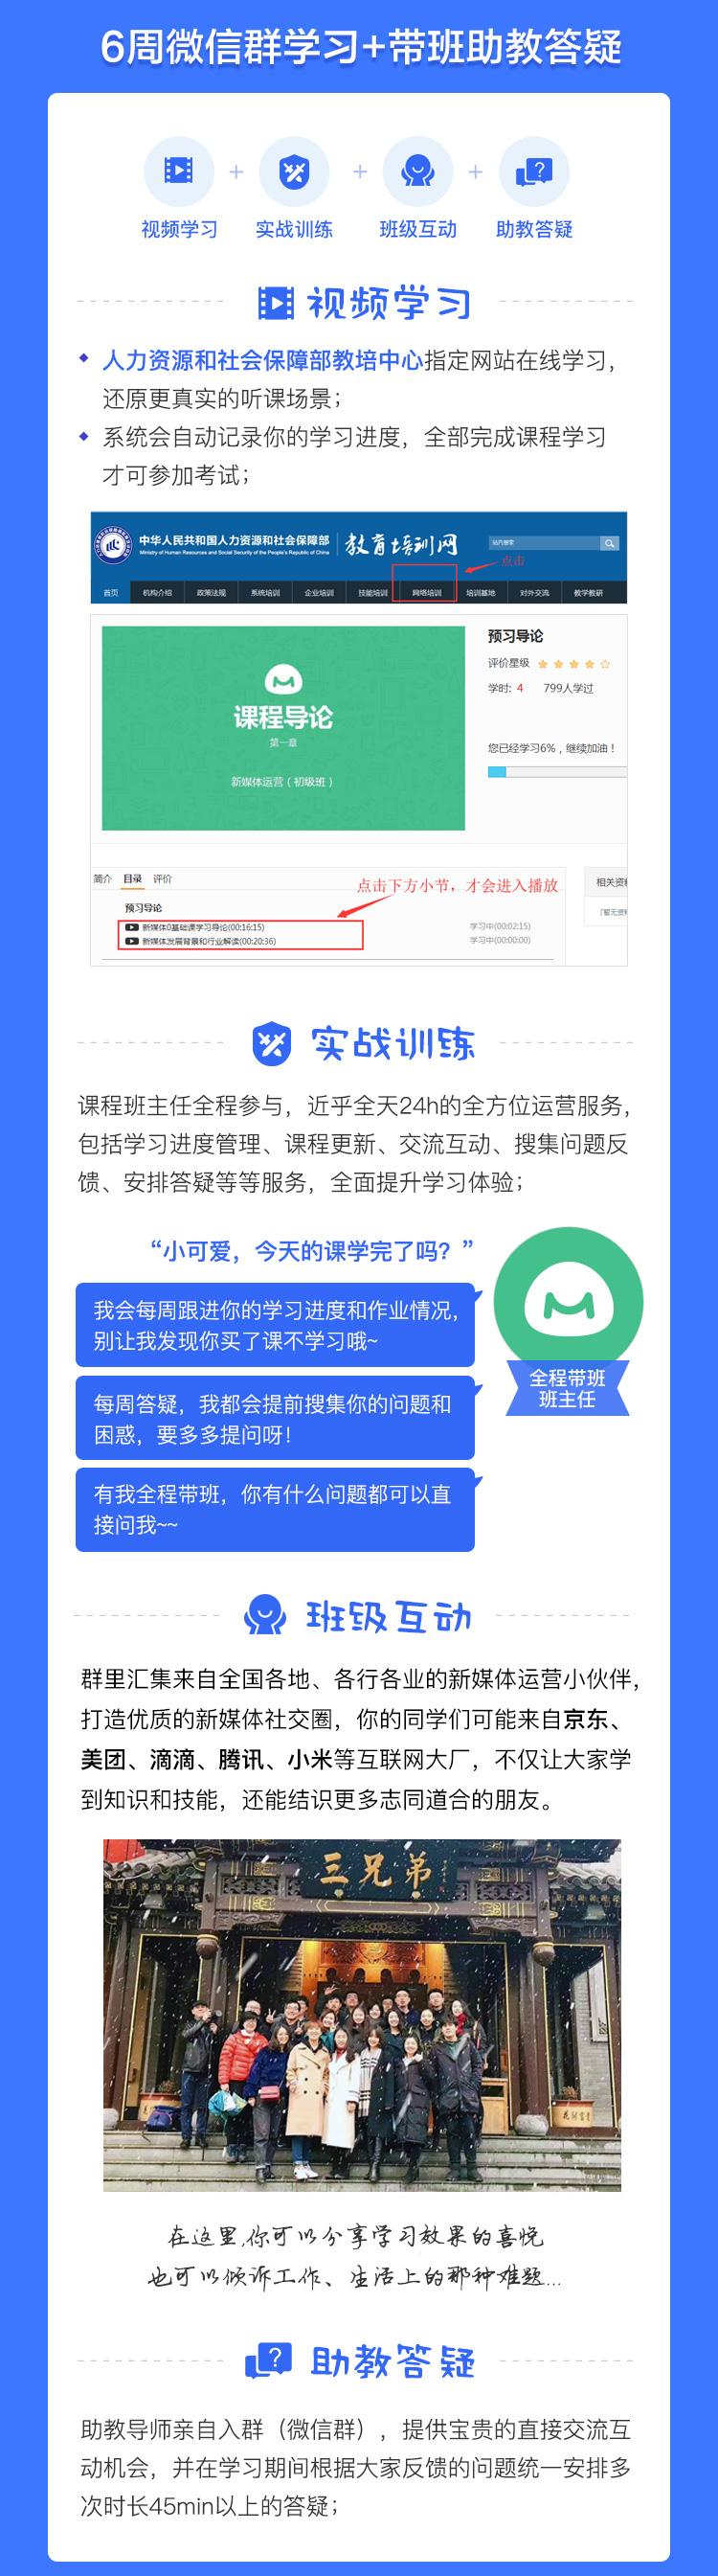 http://mtedu-img.oss-cn-beijing-internal.aliyuncs.com/ueditor/20200108171409_688338.jpg